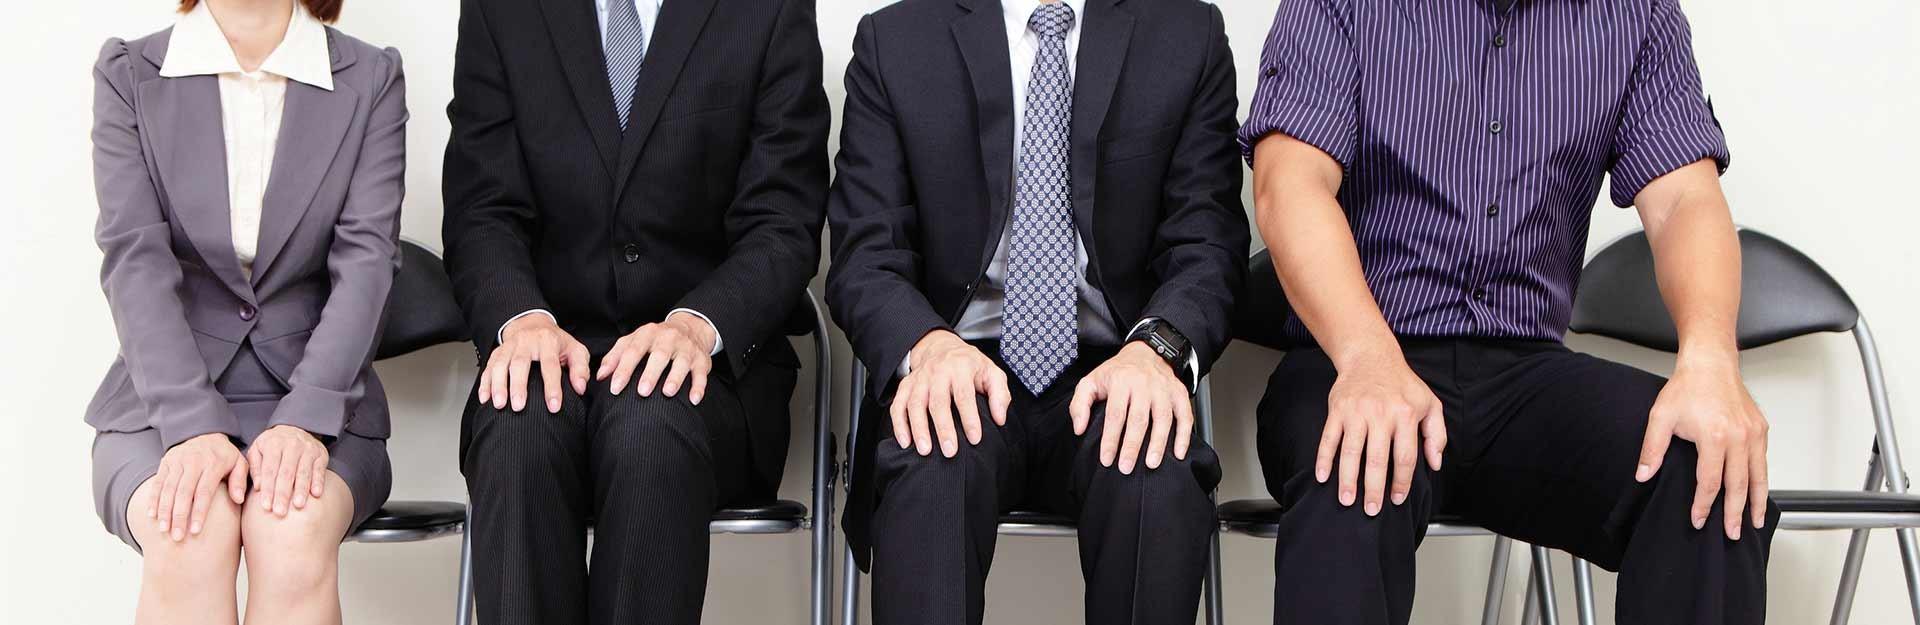 glm-business-support-slider-image-nervous-interviewees